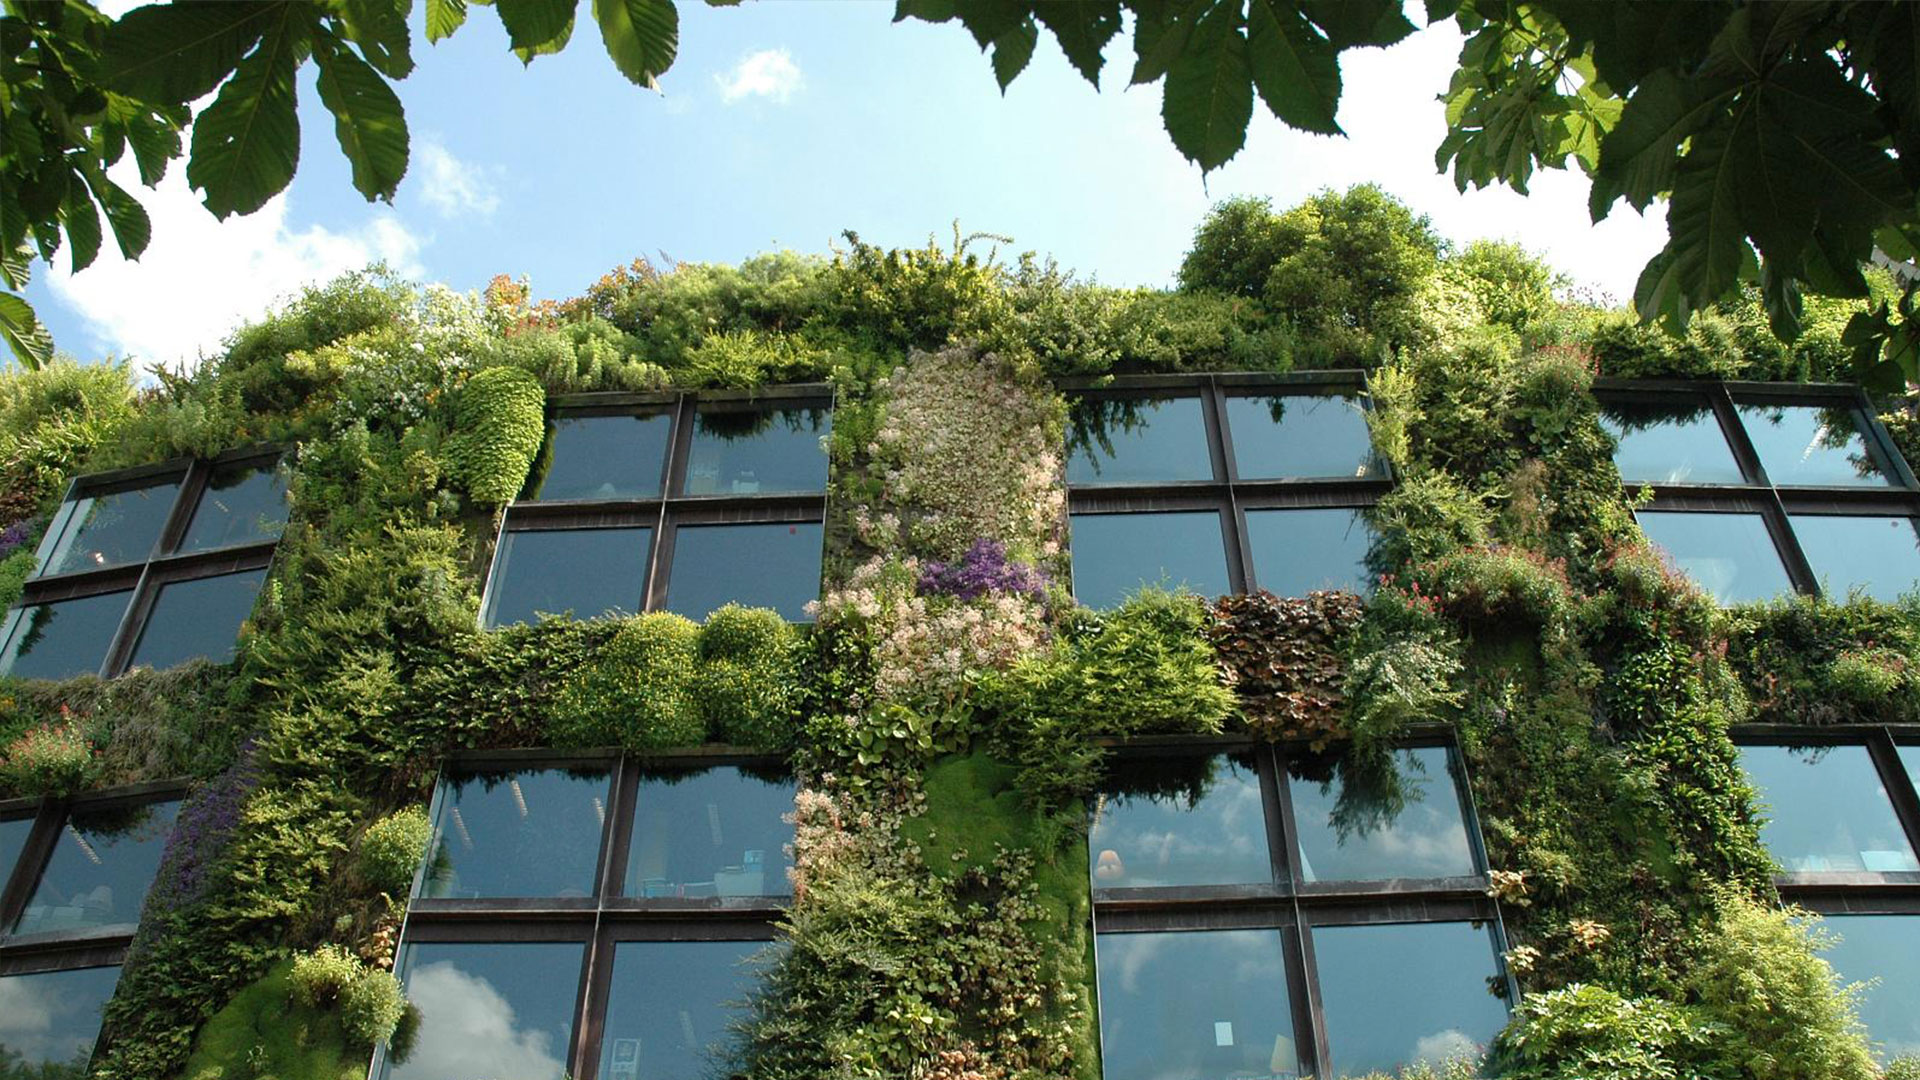 jardines verticales y muros verdes acuarios naturales